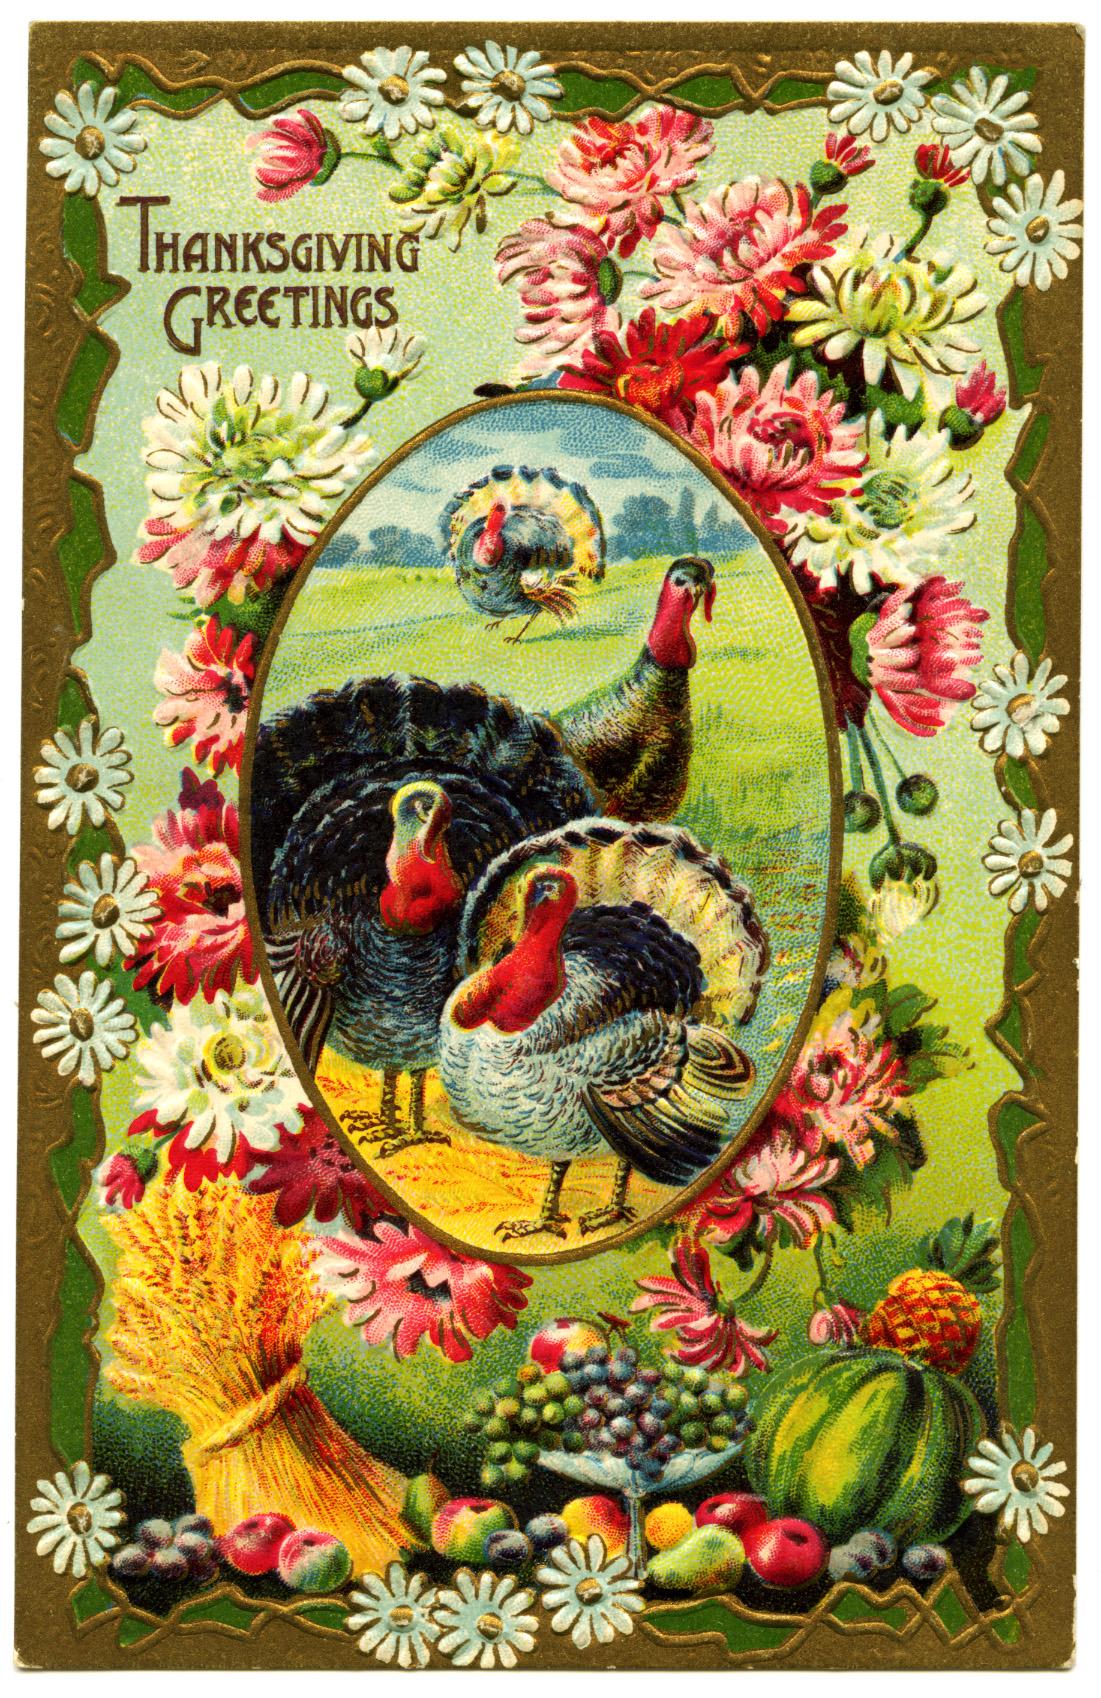 Thanksgiving Turkeys Vintage Postcard - Old Design Shop Blog